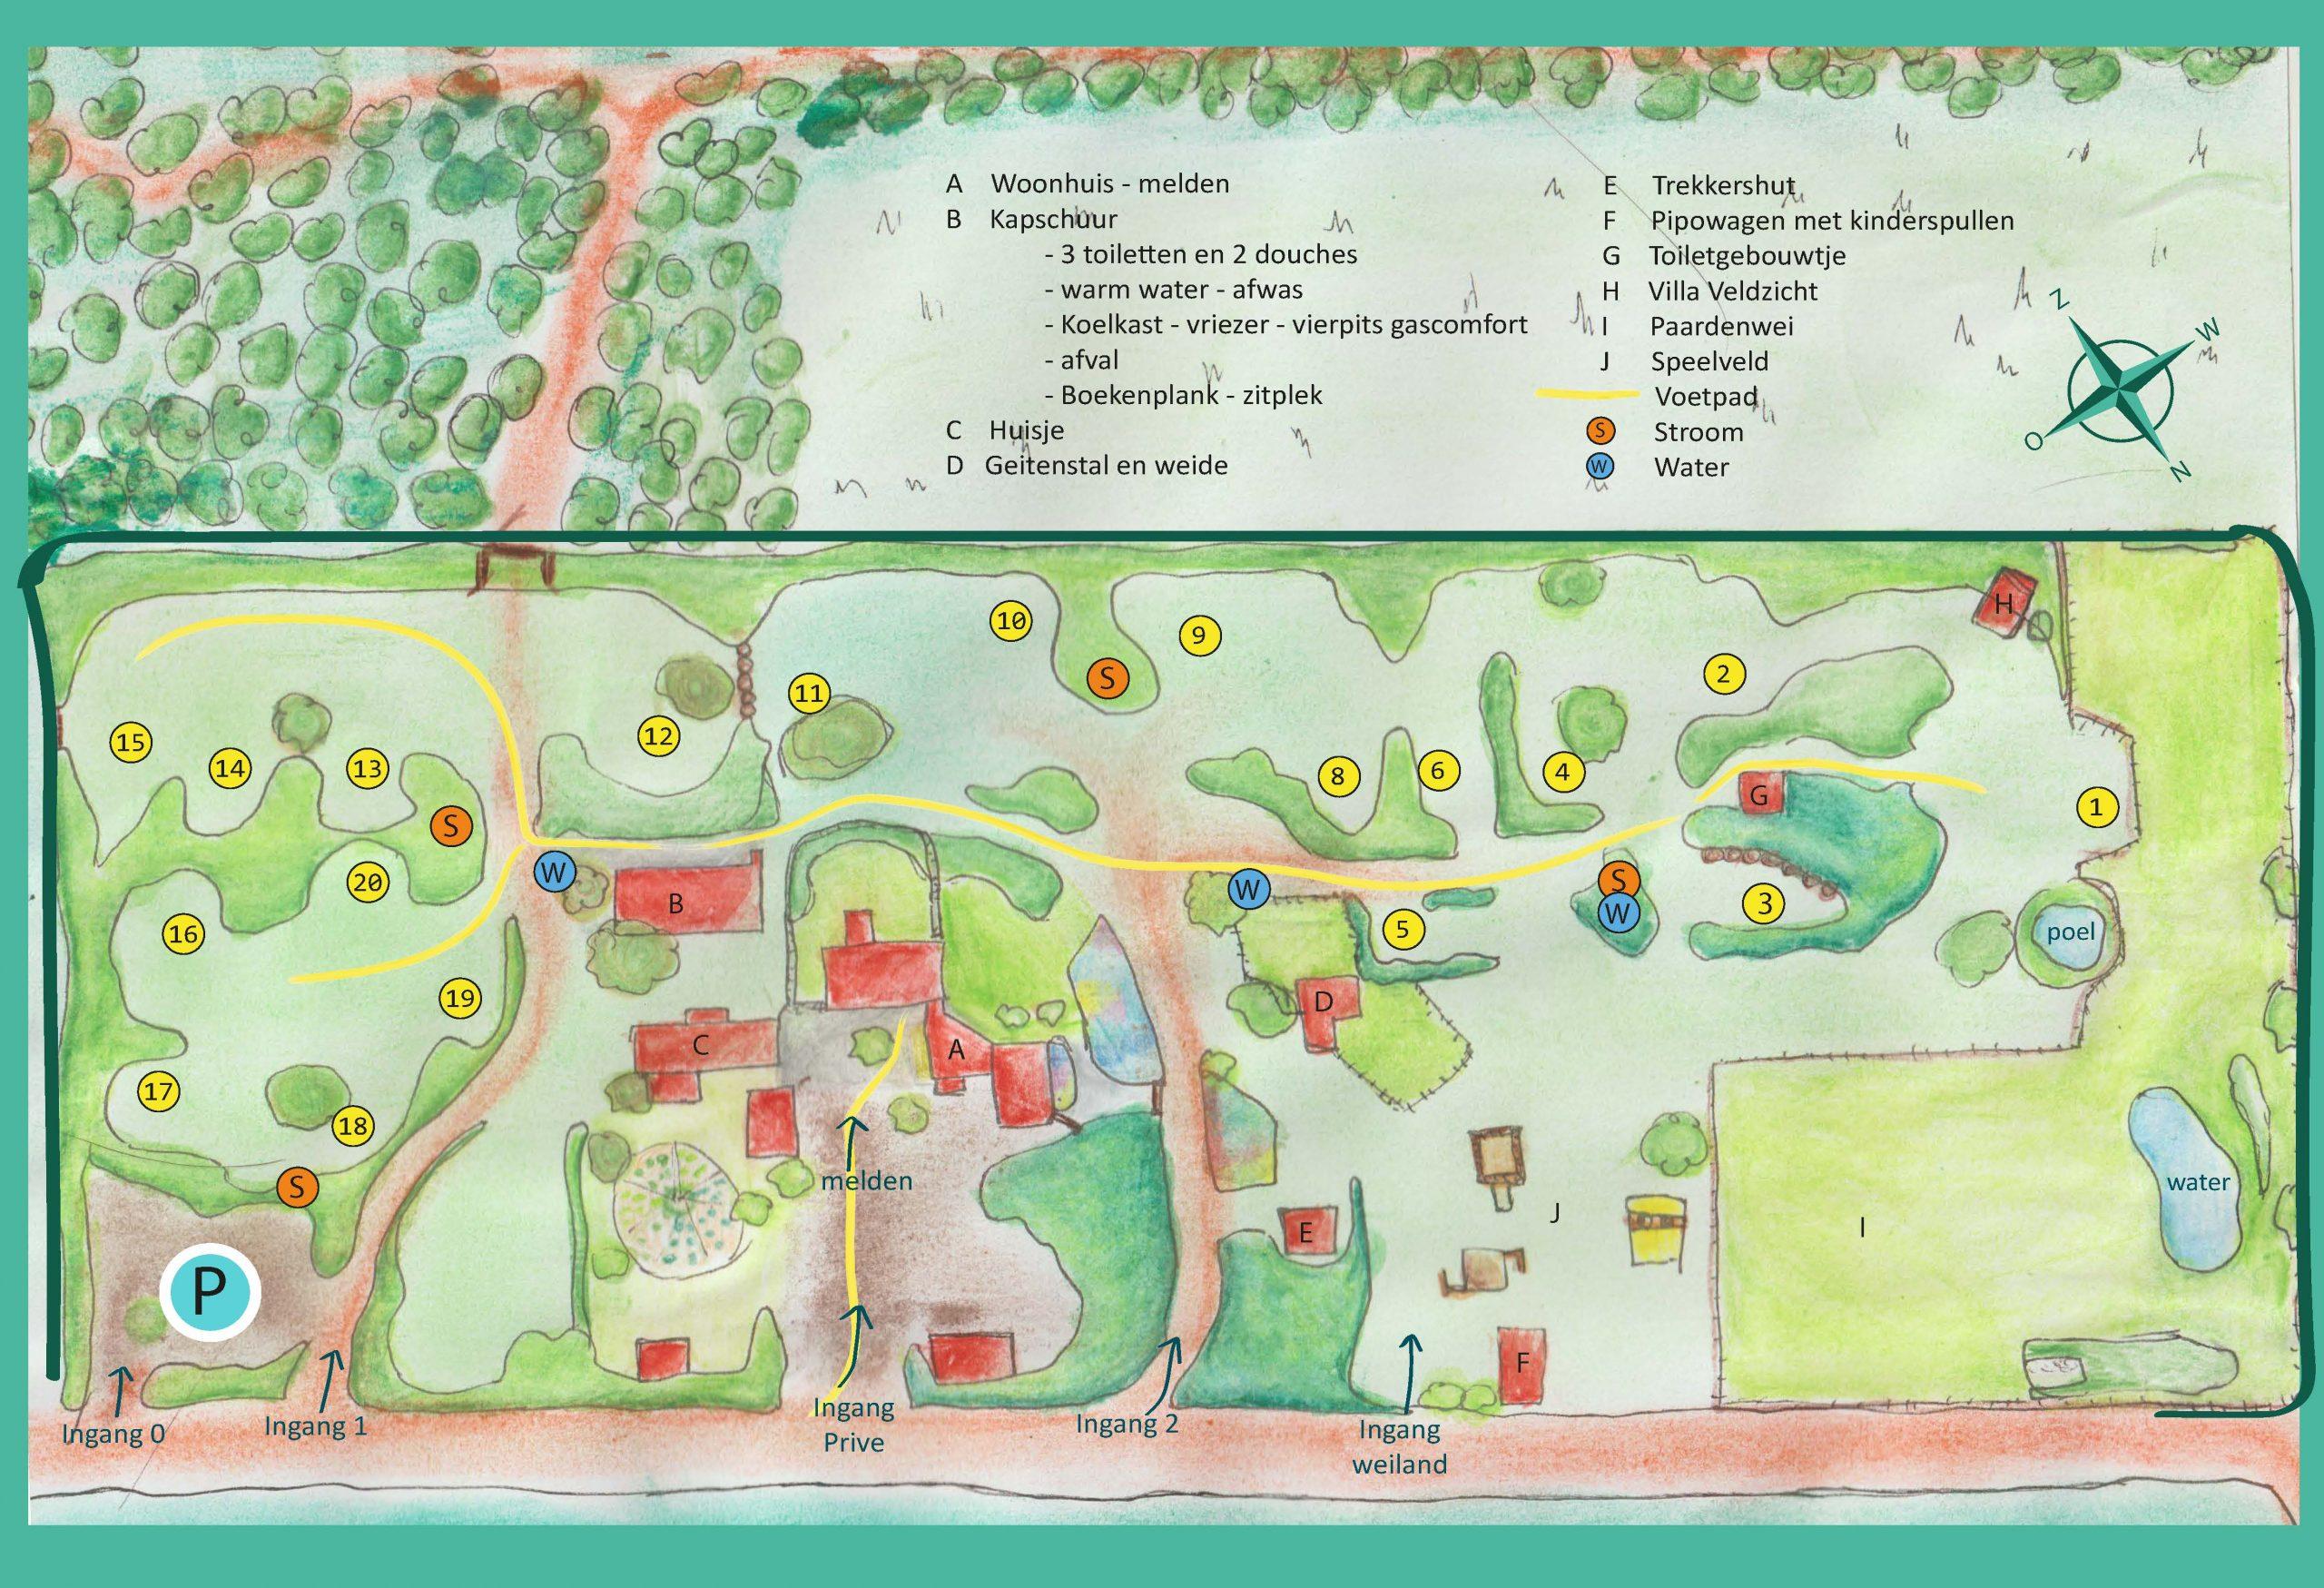 De plattegrond van het terrein